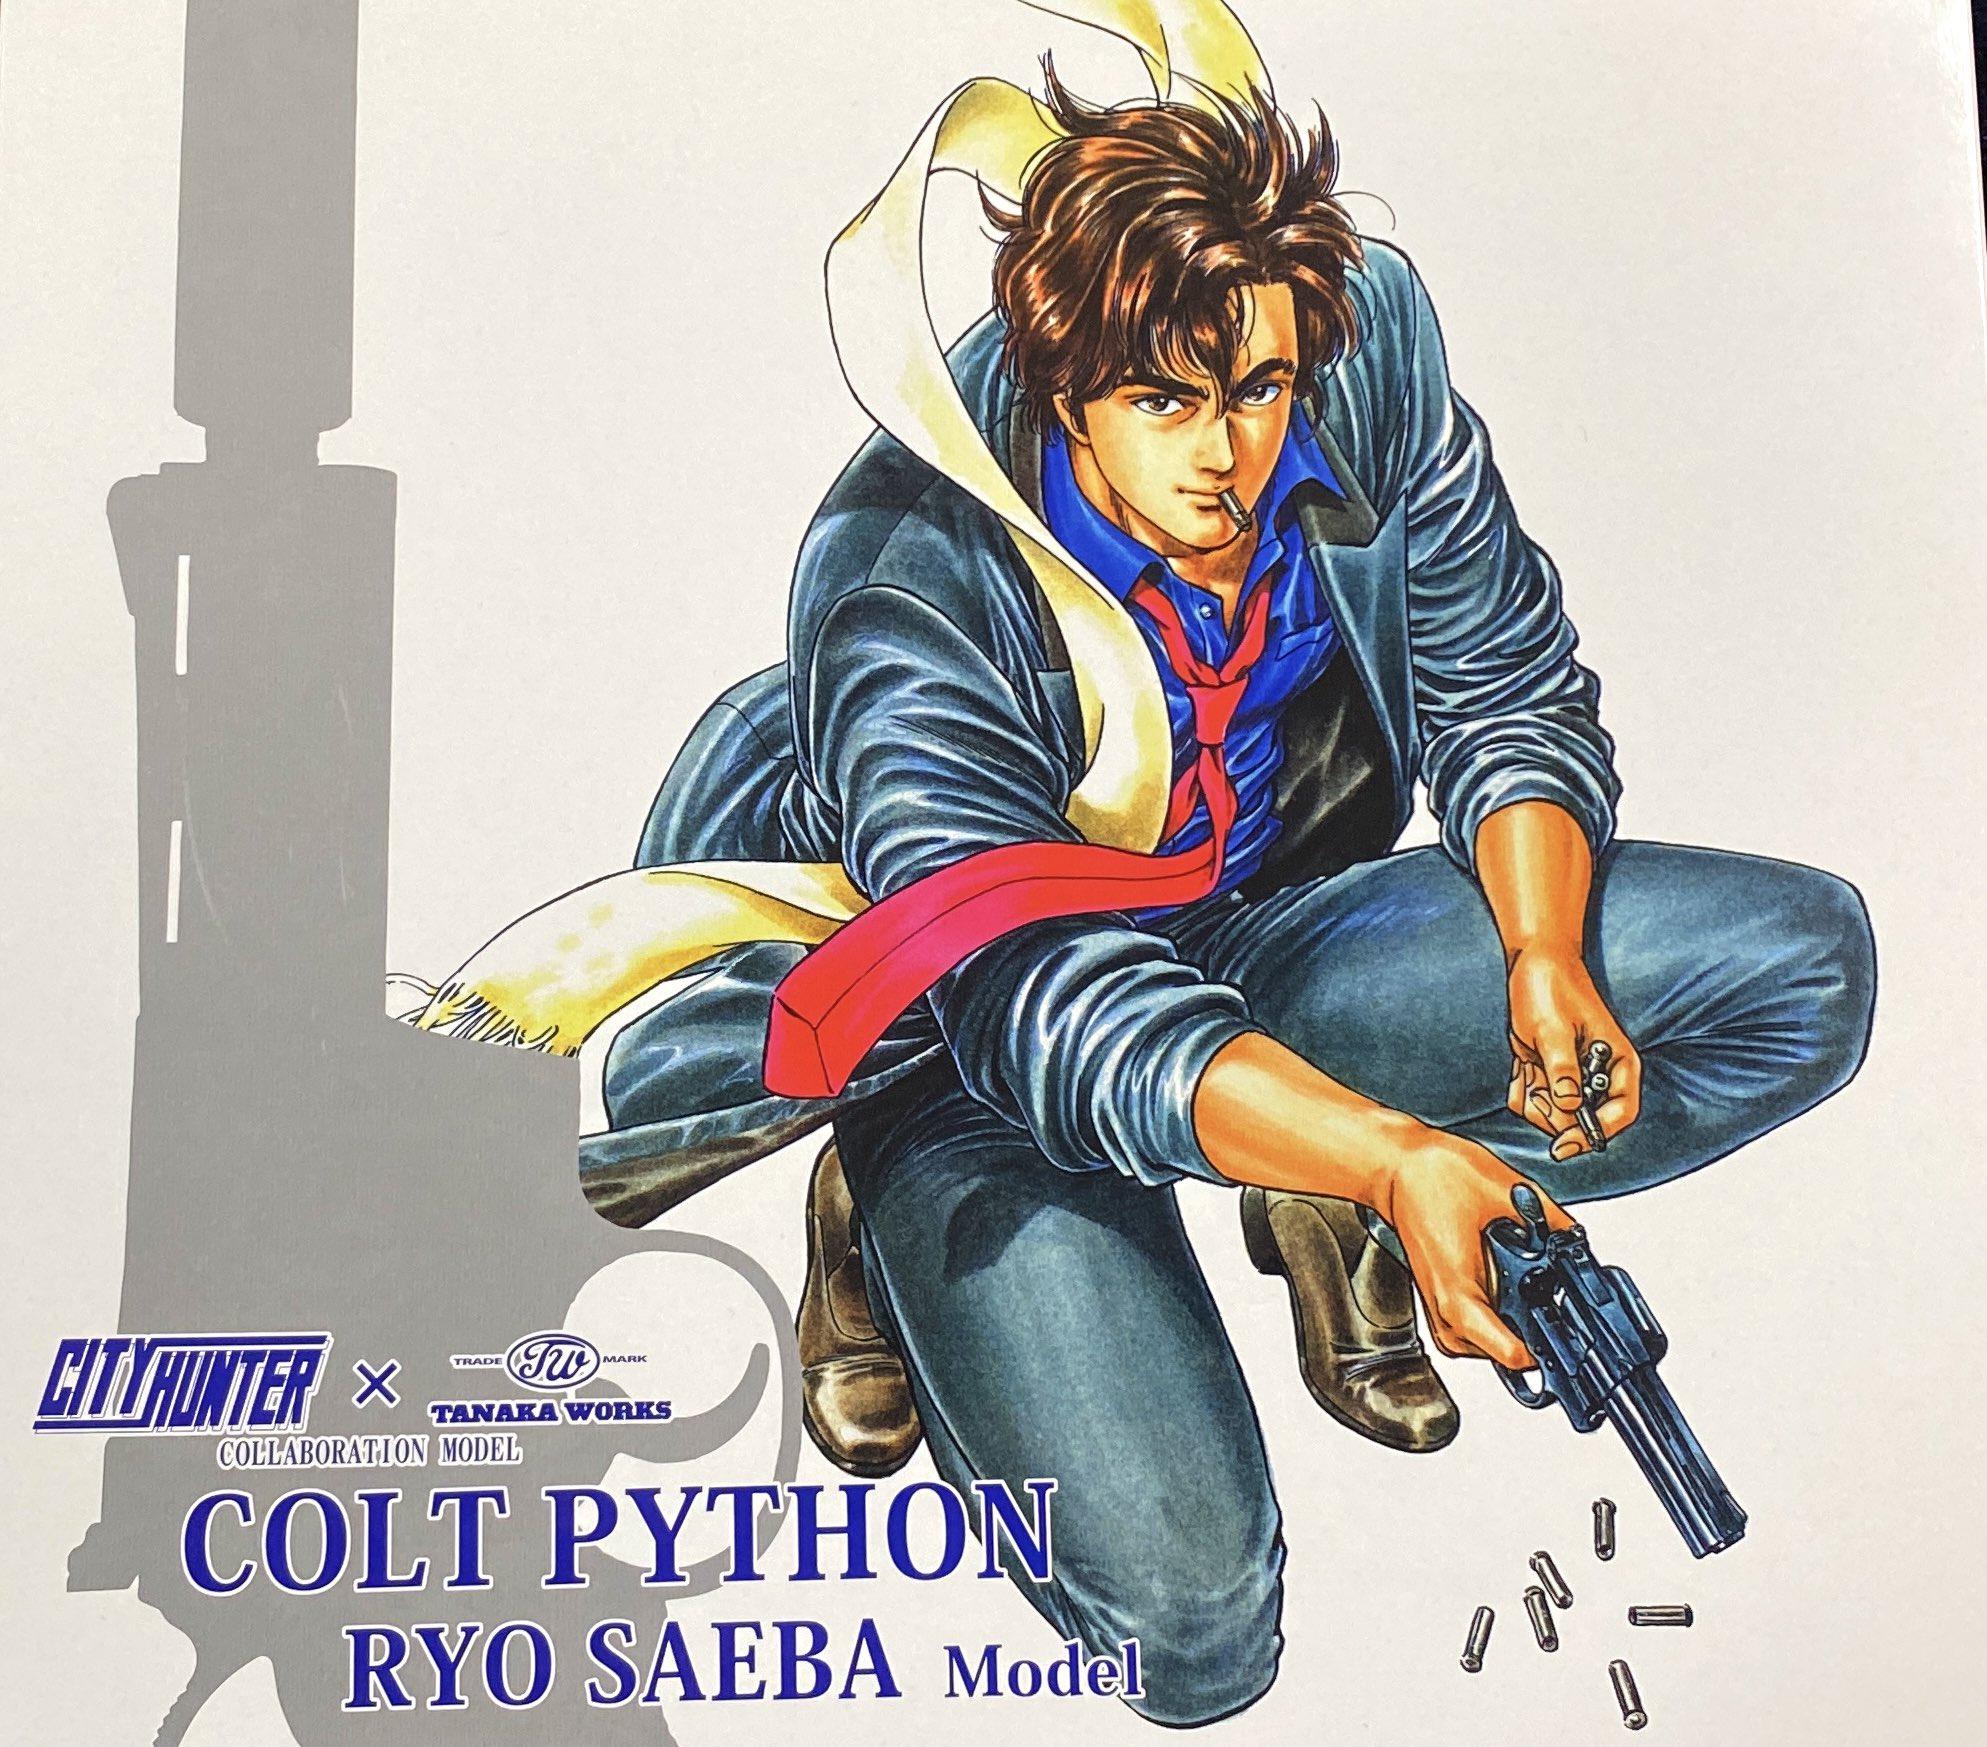 《城市猎人》声优神谷明入手原作空气手枪 喜悦分享开箱